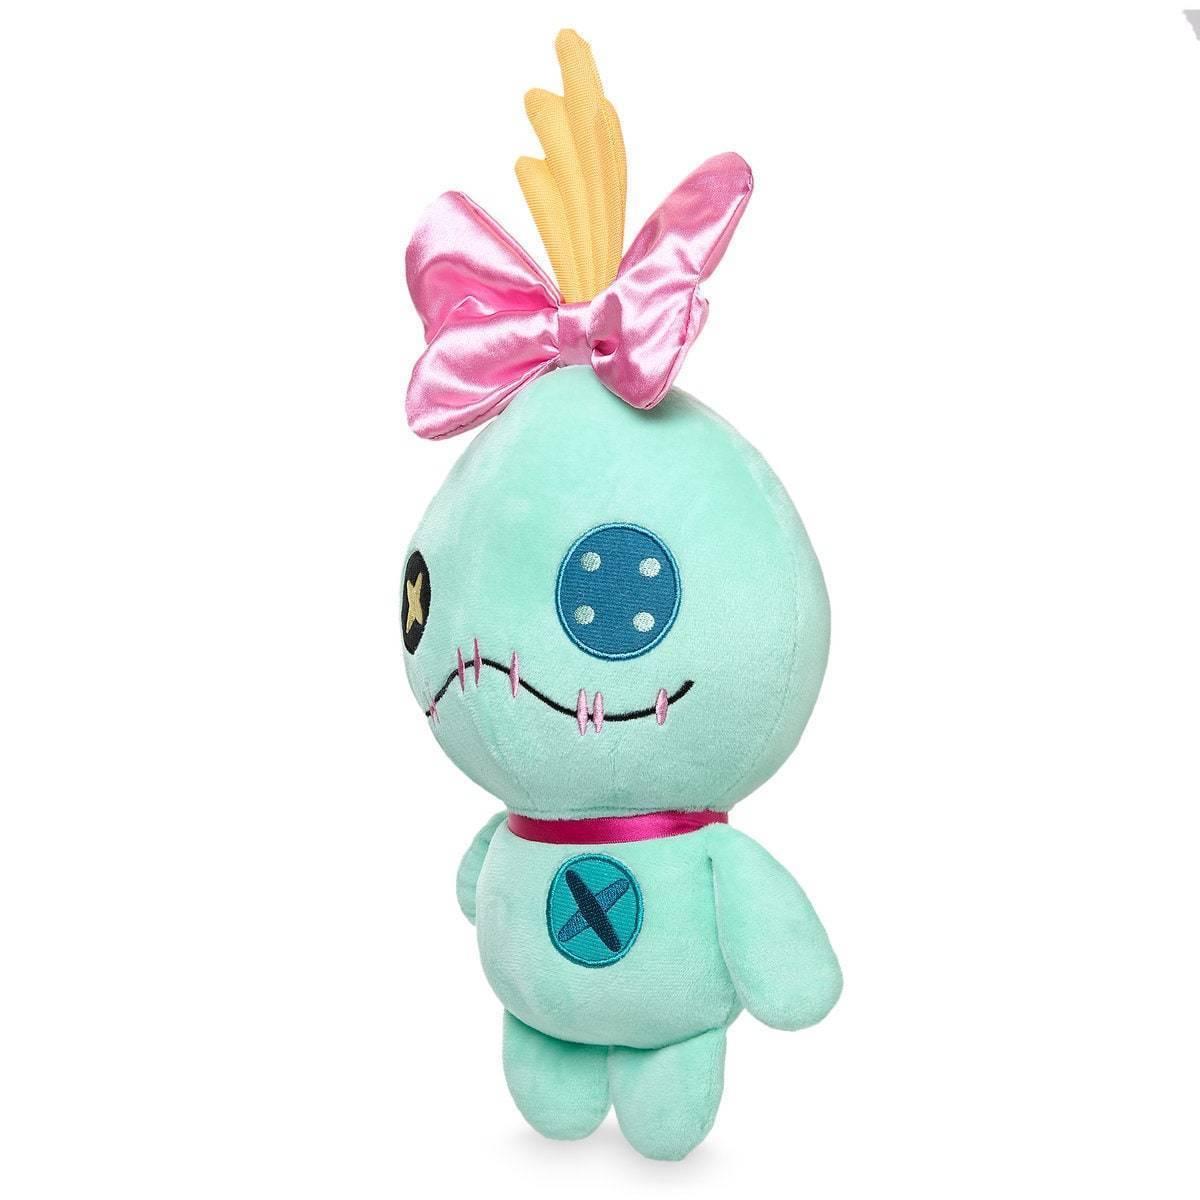 Disney Animators' Collection Scrump Plush Lilo & Stitch Small Plush New with Tag